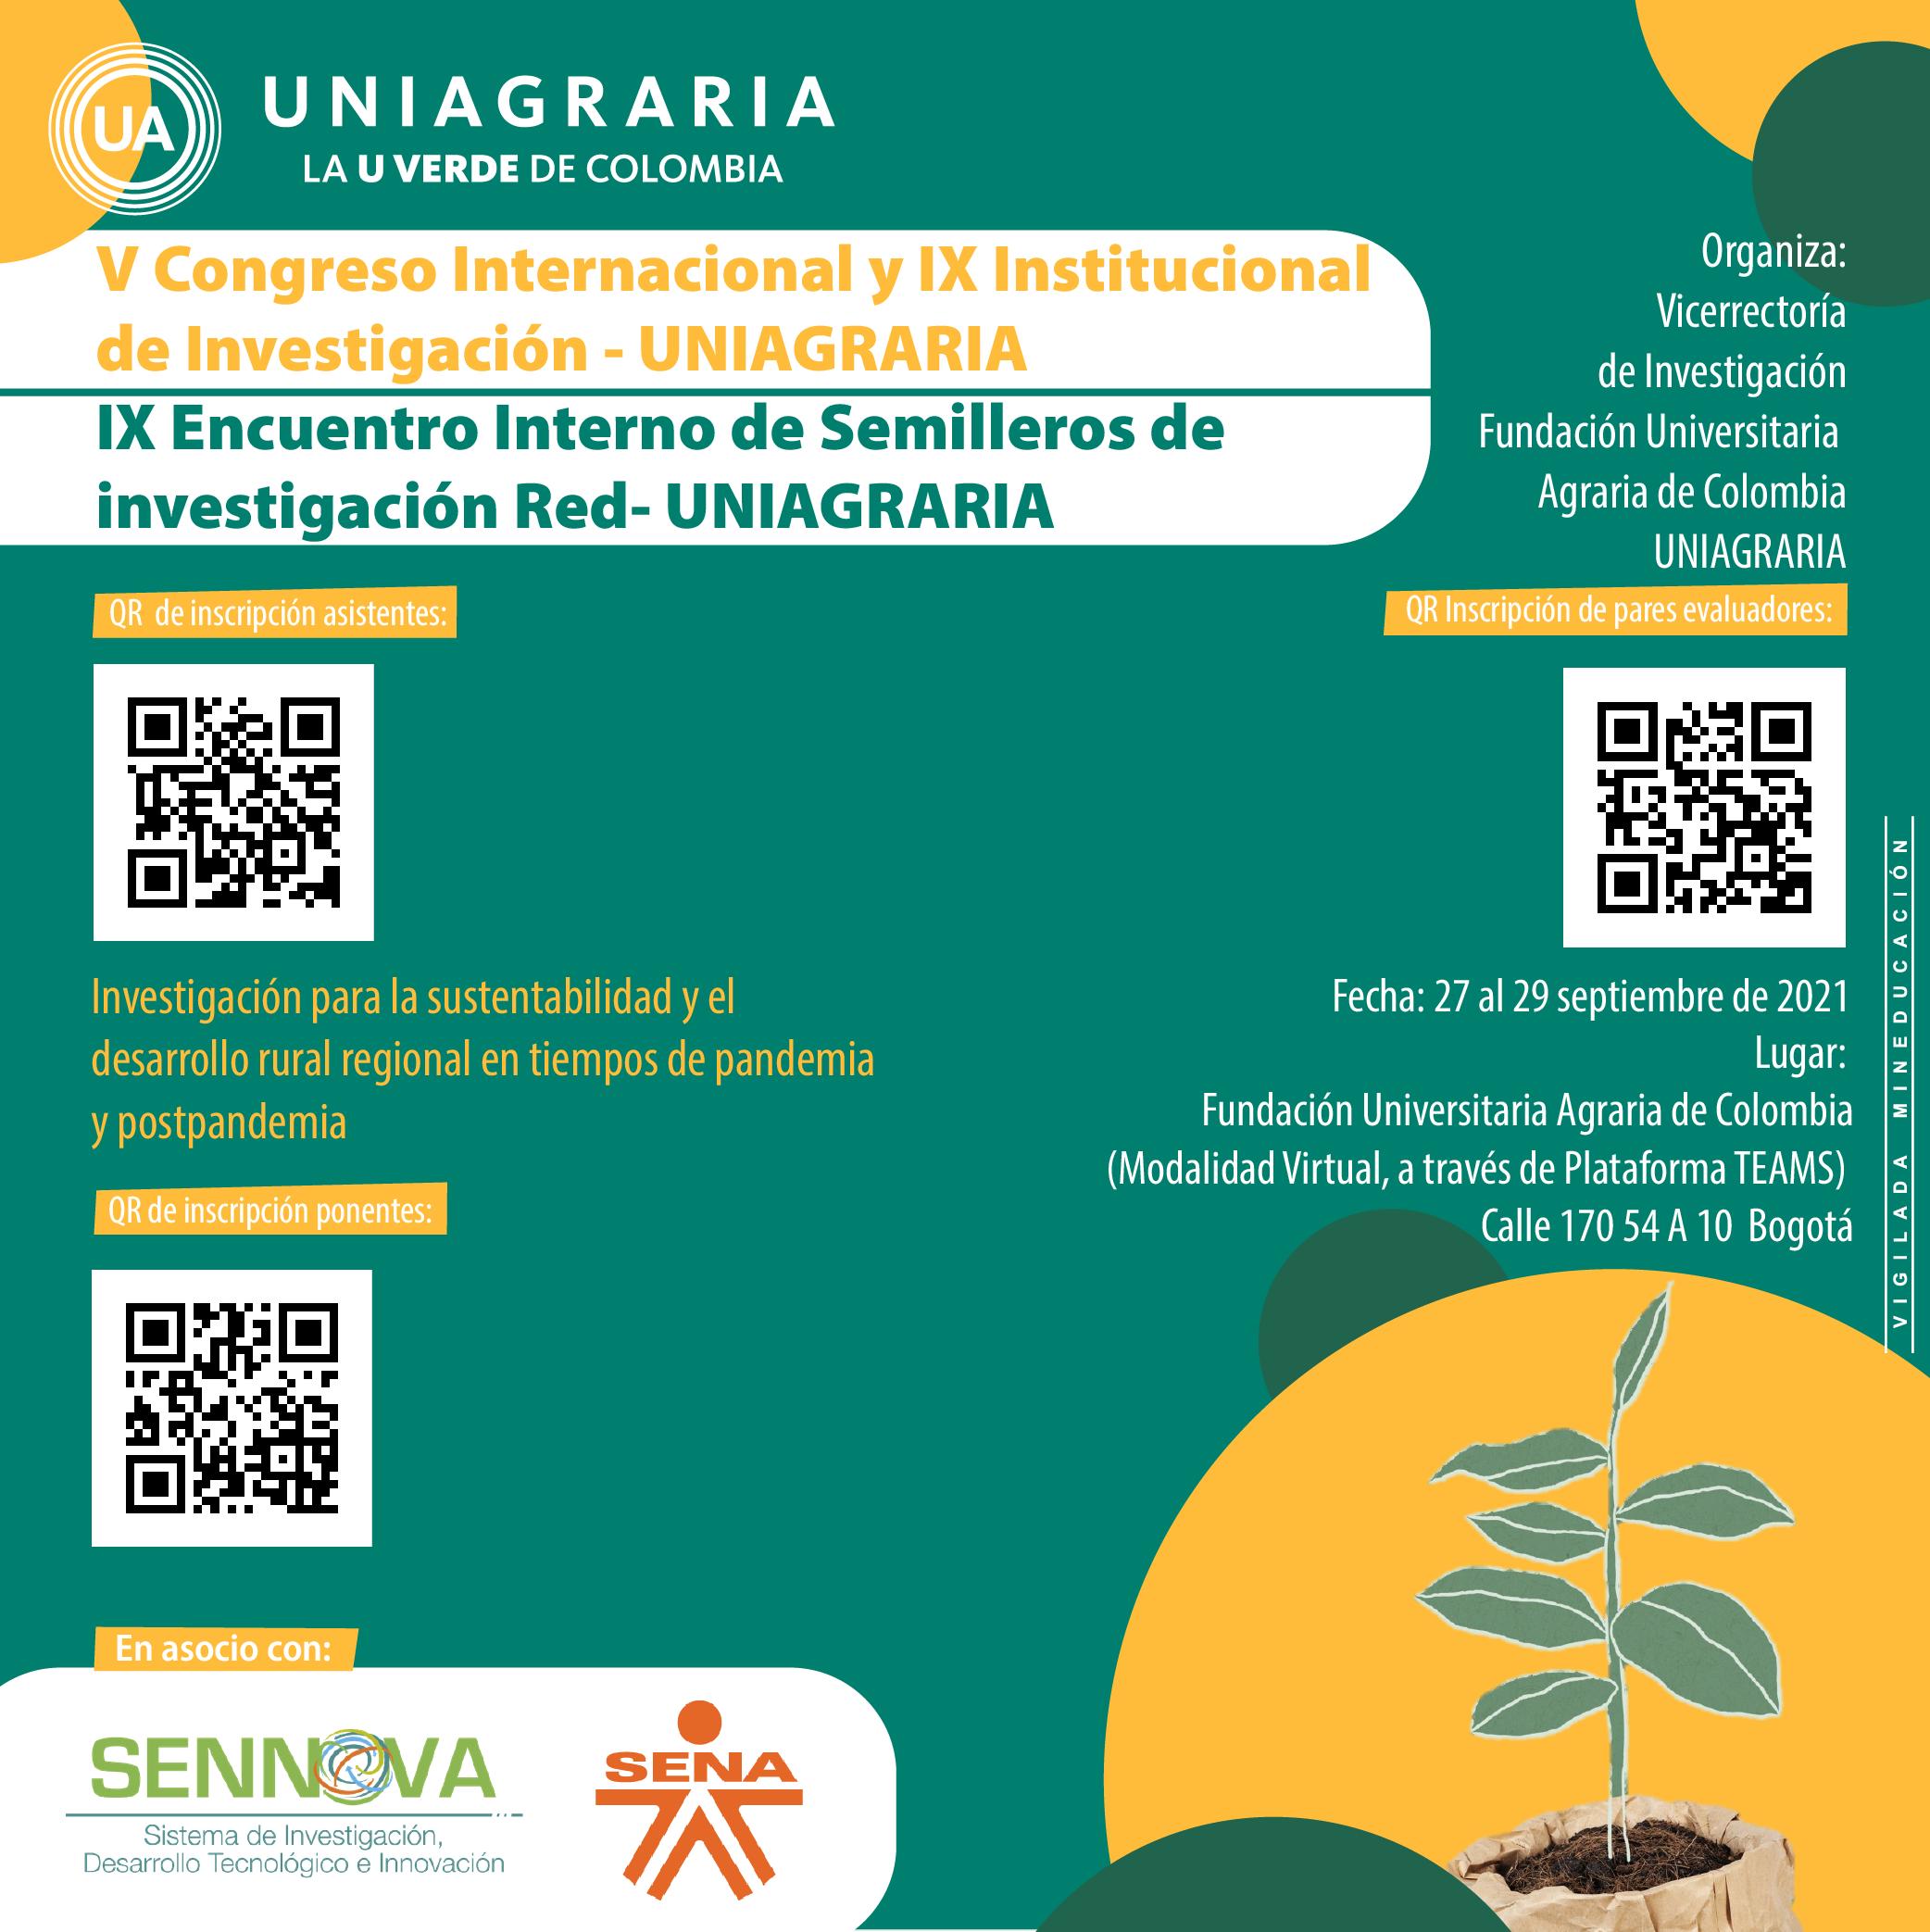 V Congreso Internacional y IX Institucional de Investigación, IX Encuentro Interno de Semilleros de Investigación